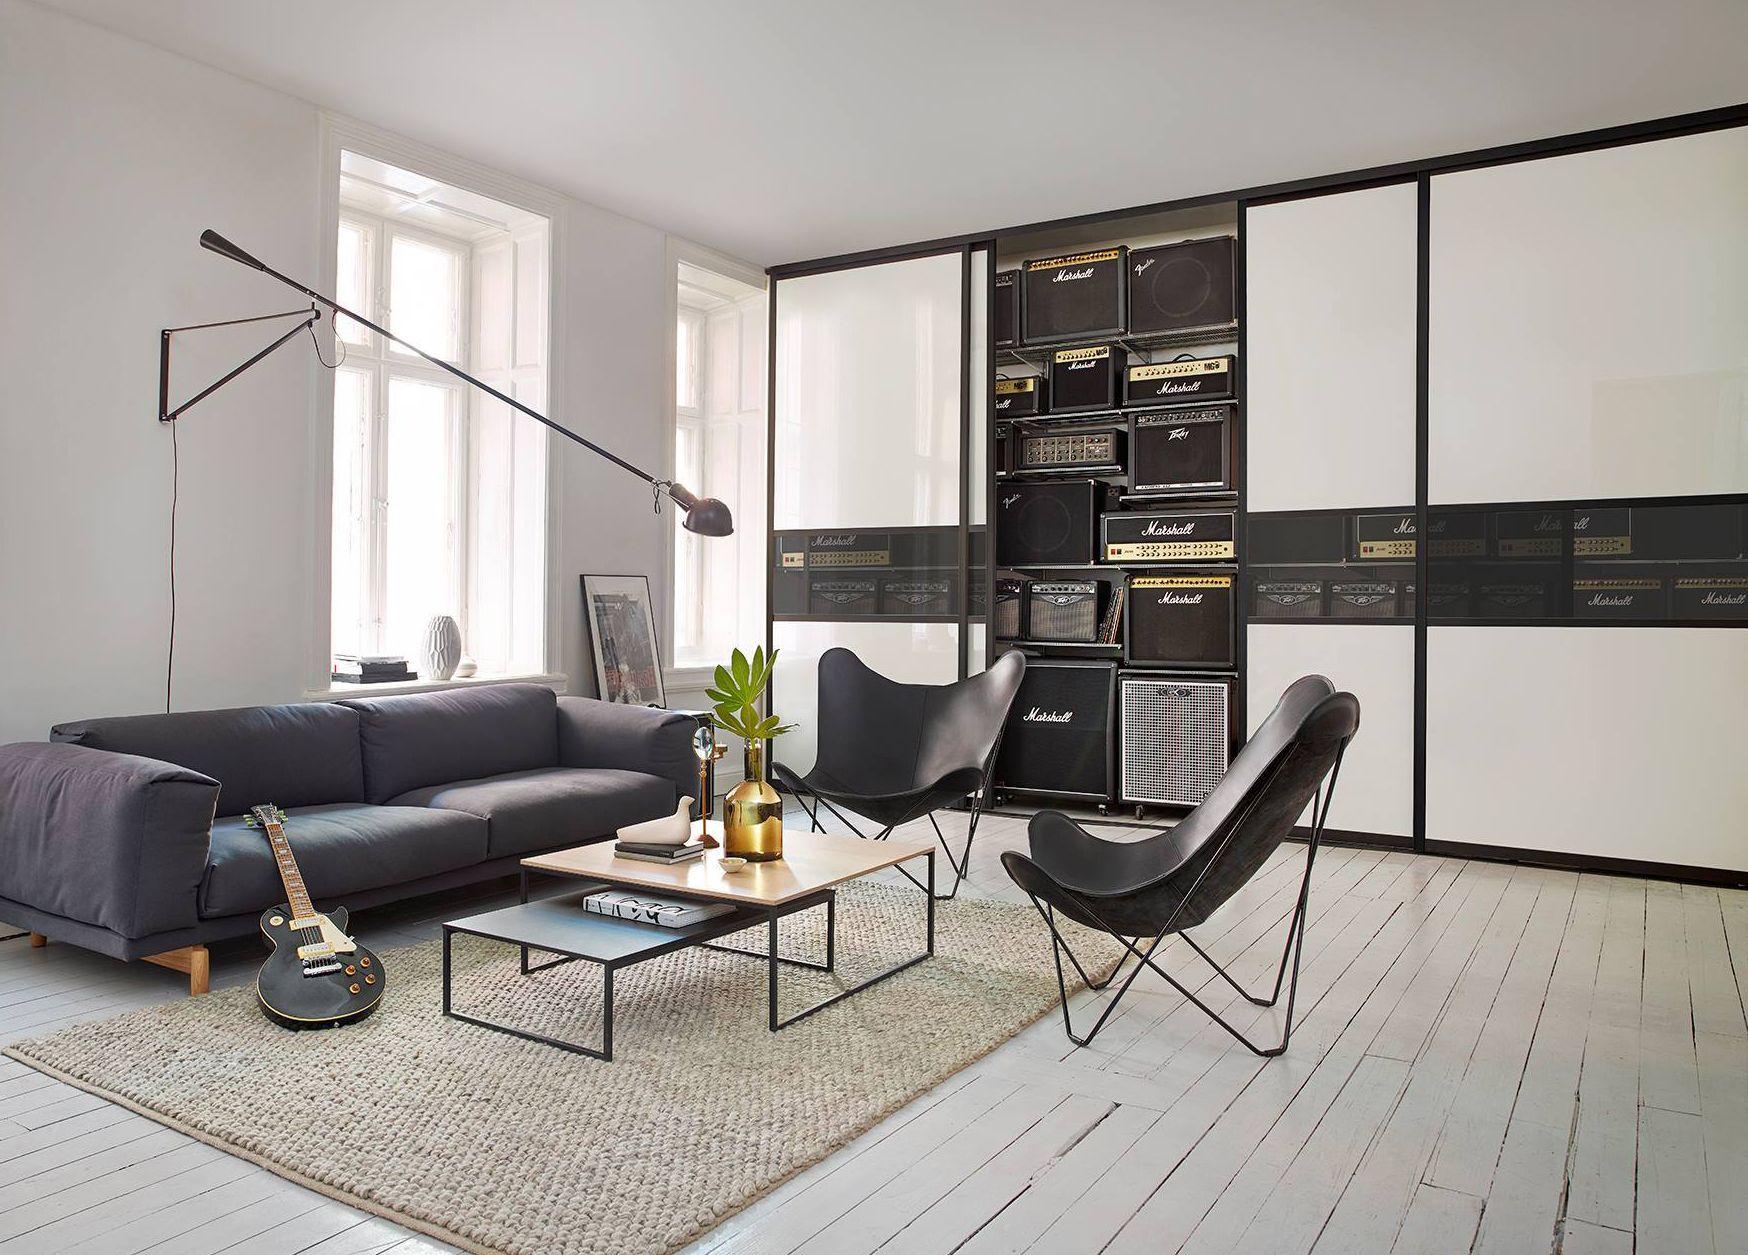 Wohnzimmer Stauraum ~ 9 besten elfa w salonie bilder auf pinterest stauraum fernseher